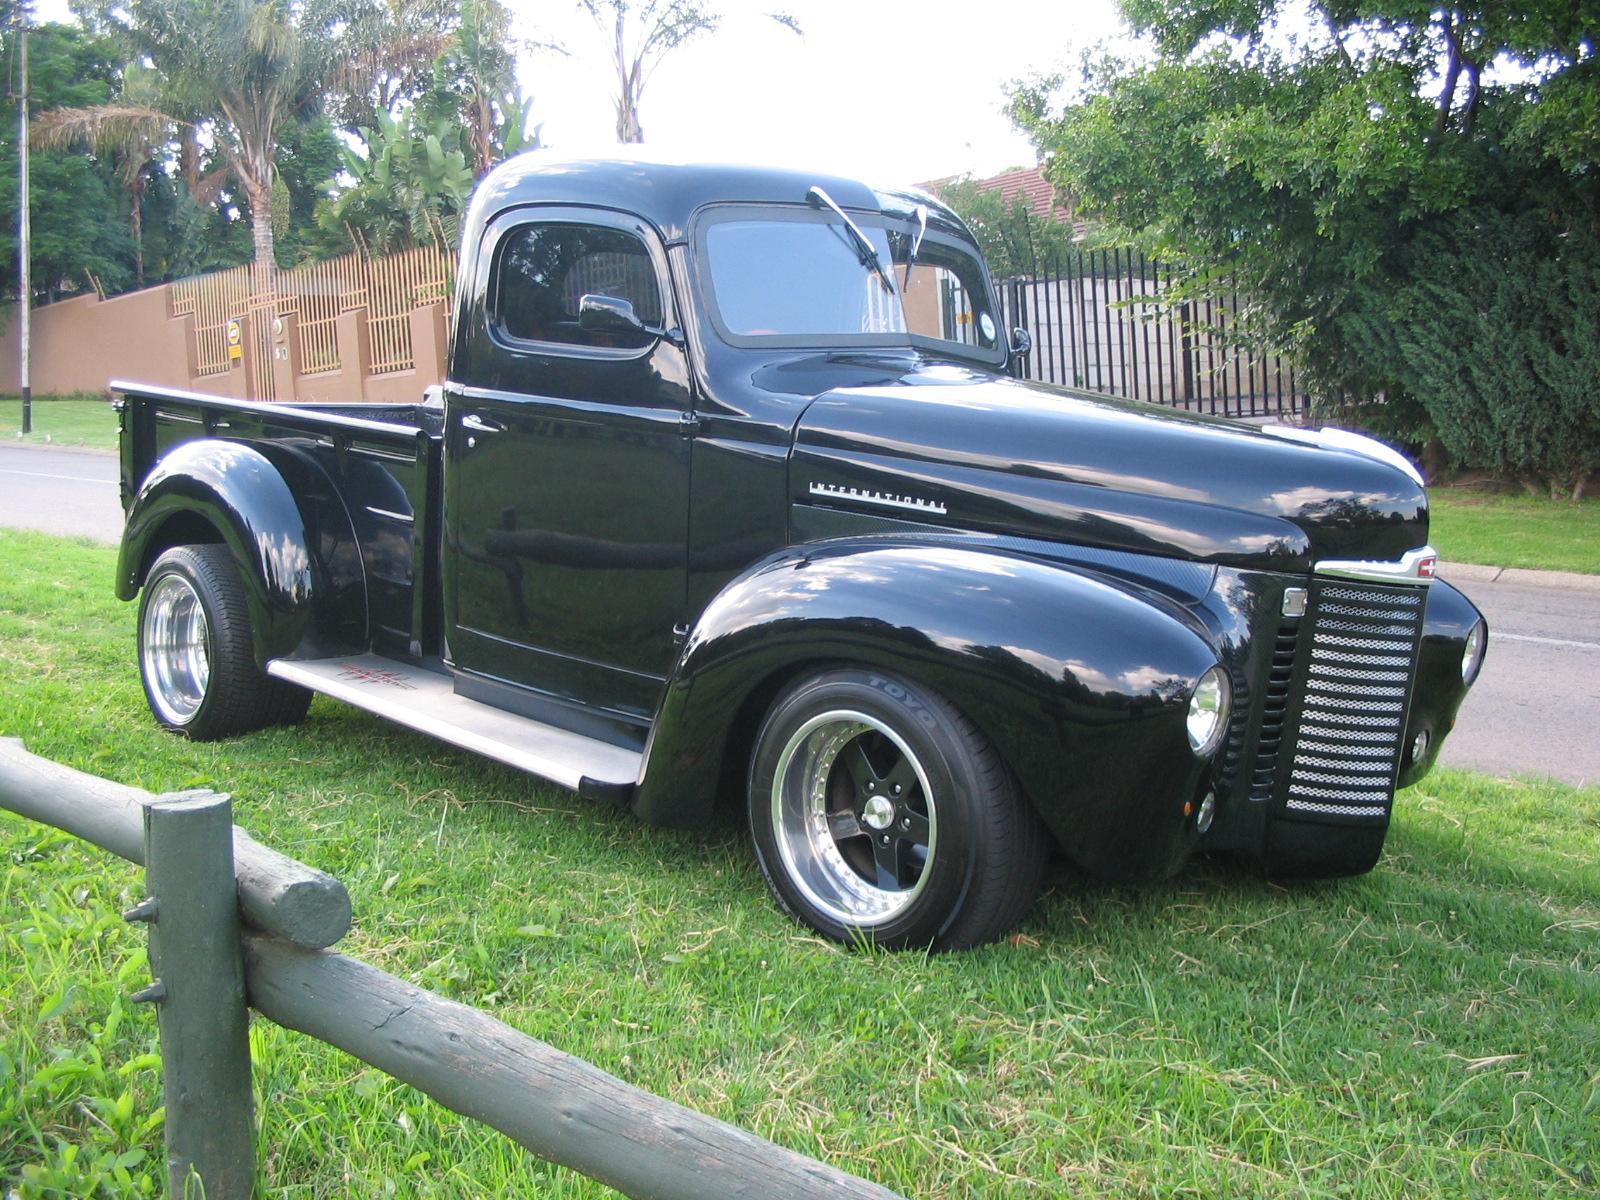 1947 International KB1 Harvester | Hotrod Hotline